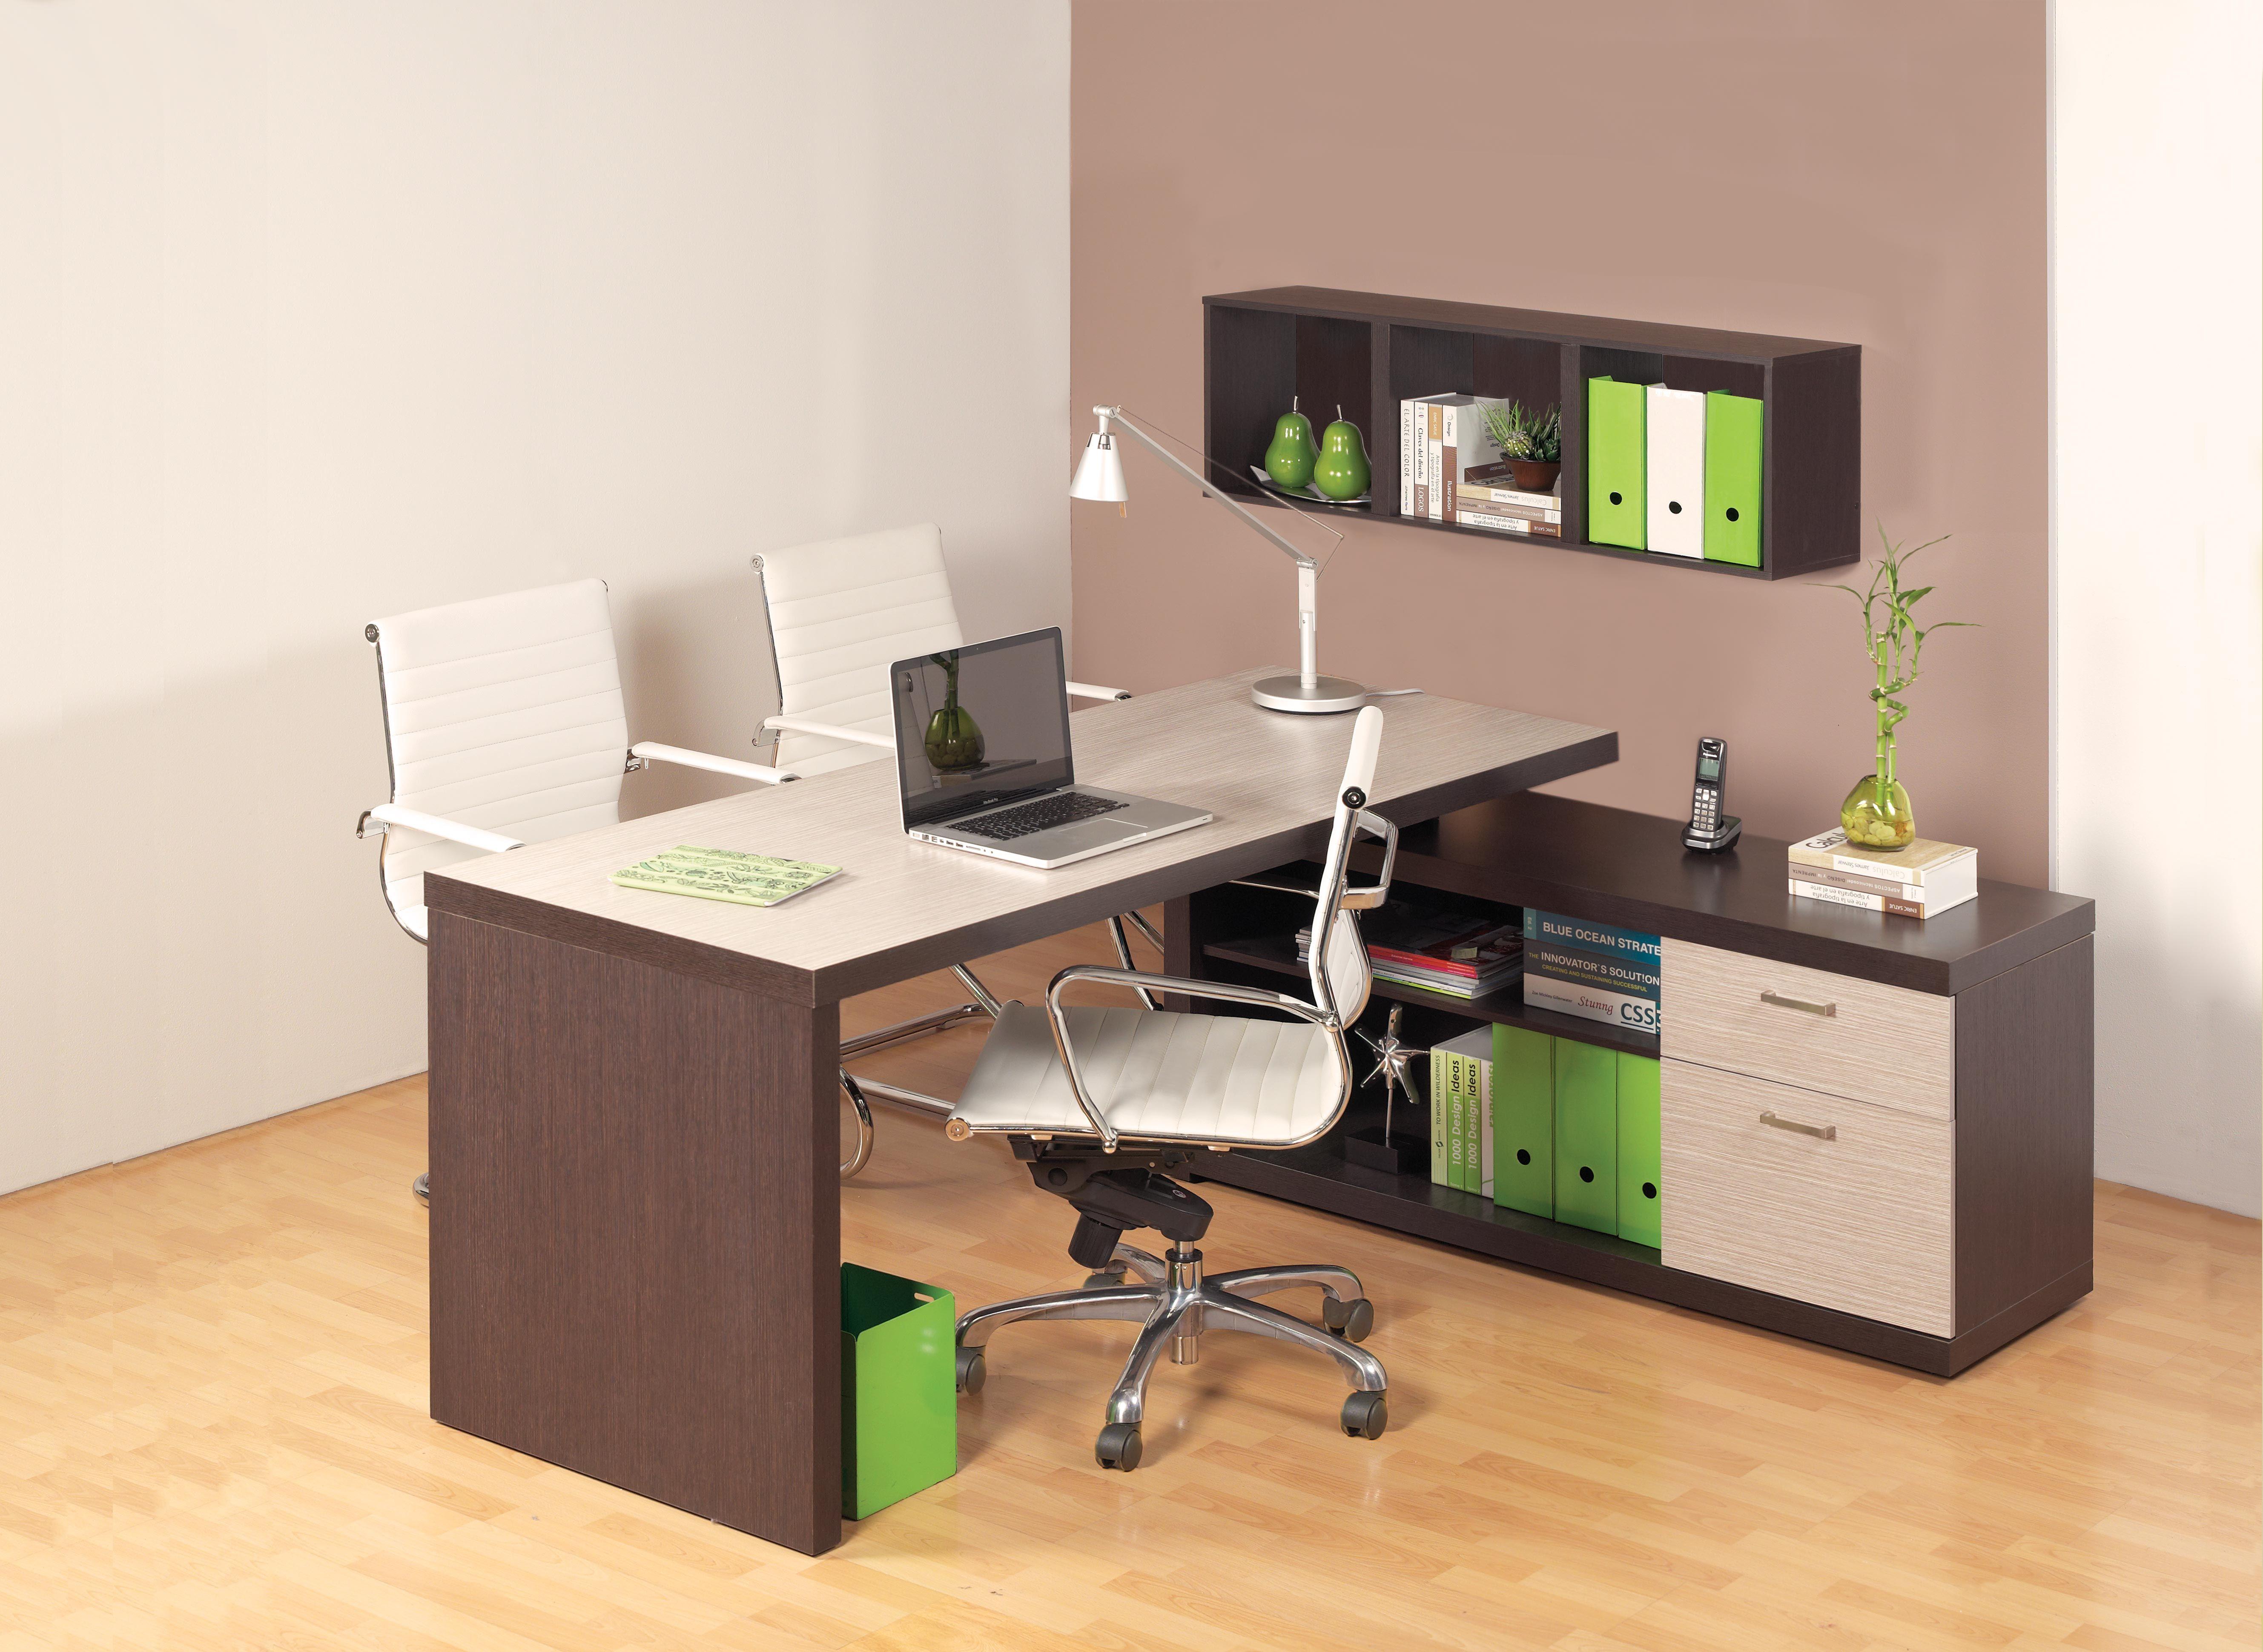 Escritorio gamma mb la l nea gamma es una l nea exclusiva for Disenos de escritorios para oficina